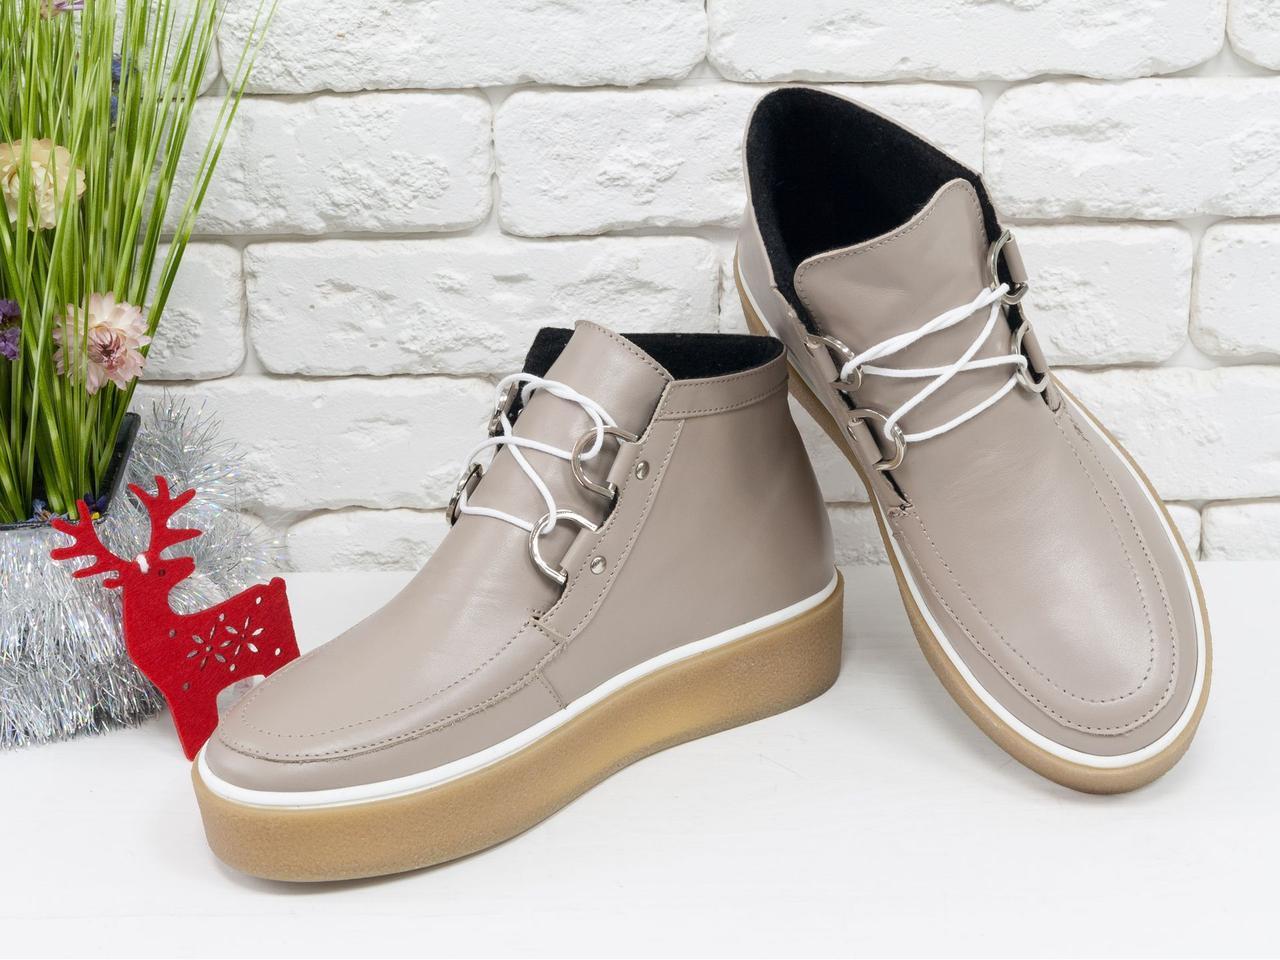 Яскраві та стильні жіночі черевики-кеди зі шнурівкою, бежева натуральна шкіра 36,37,38,39,40,41